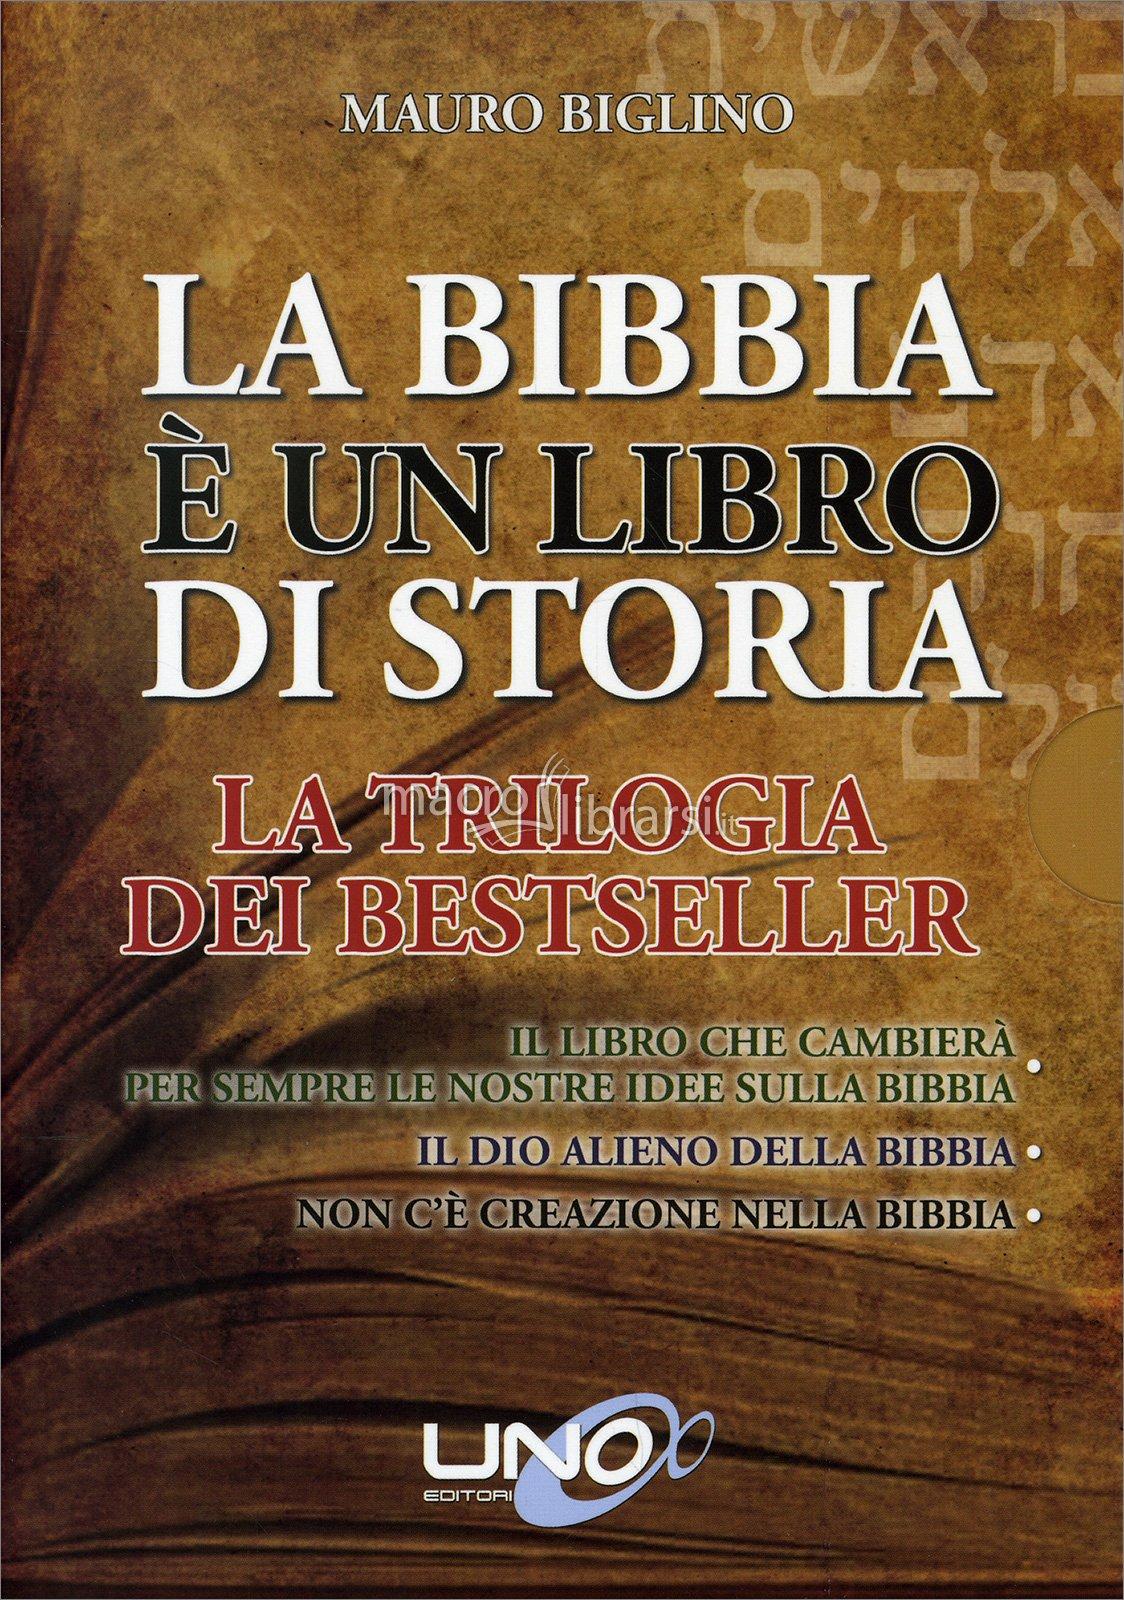 LA BIBBIA E' UN LIBRO DI STORIA